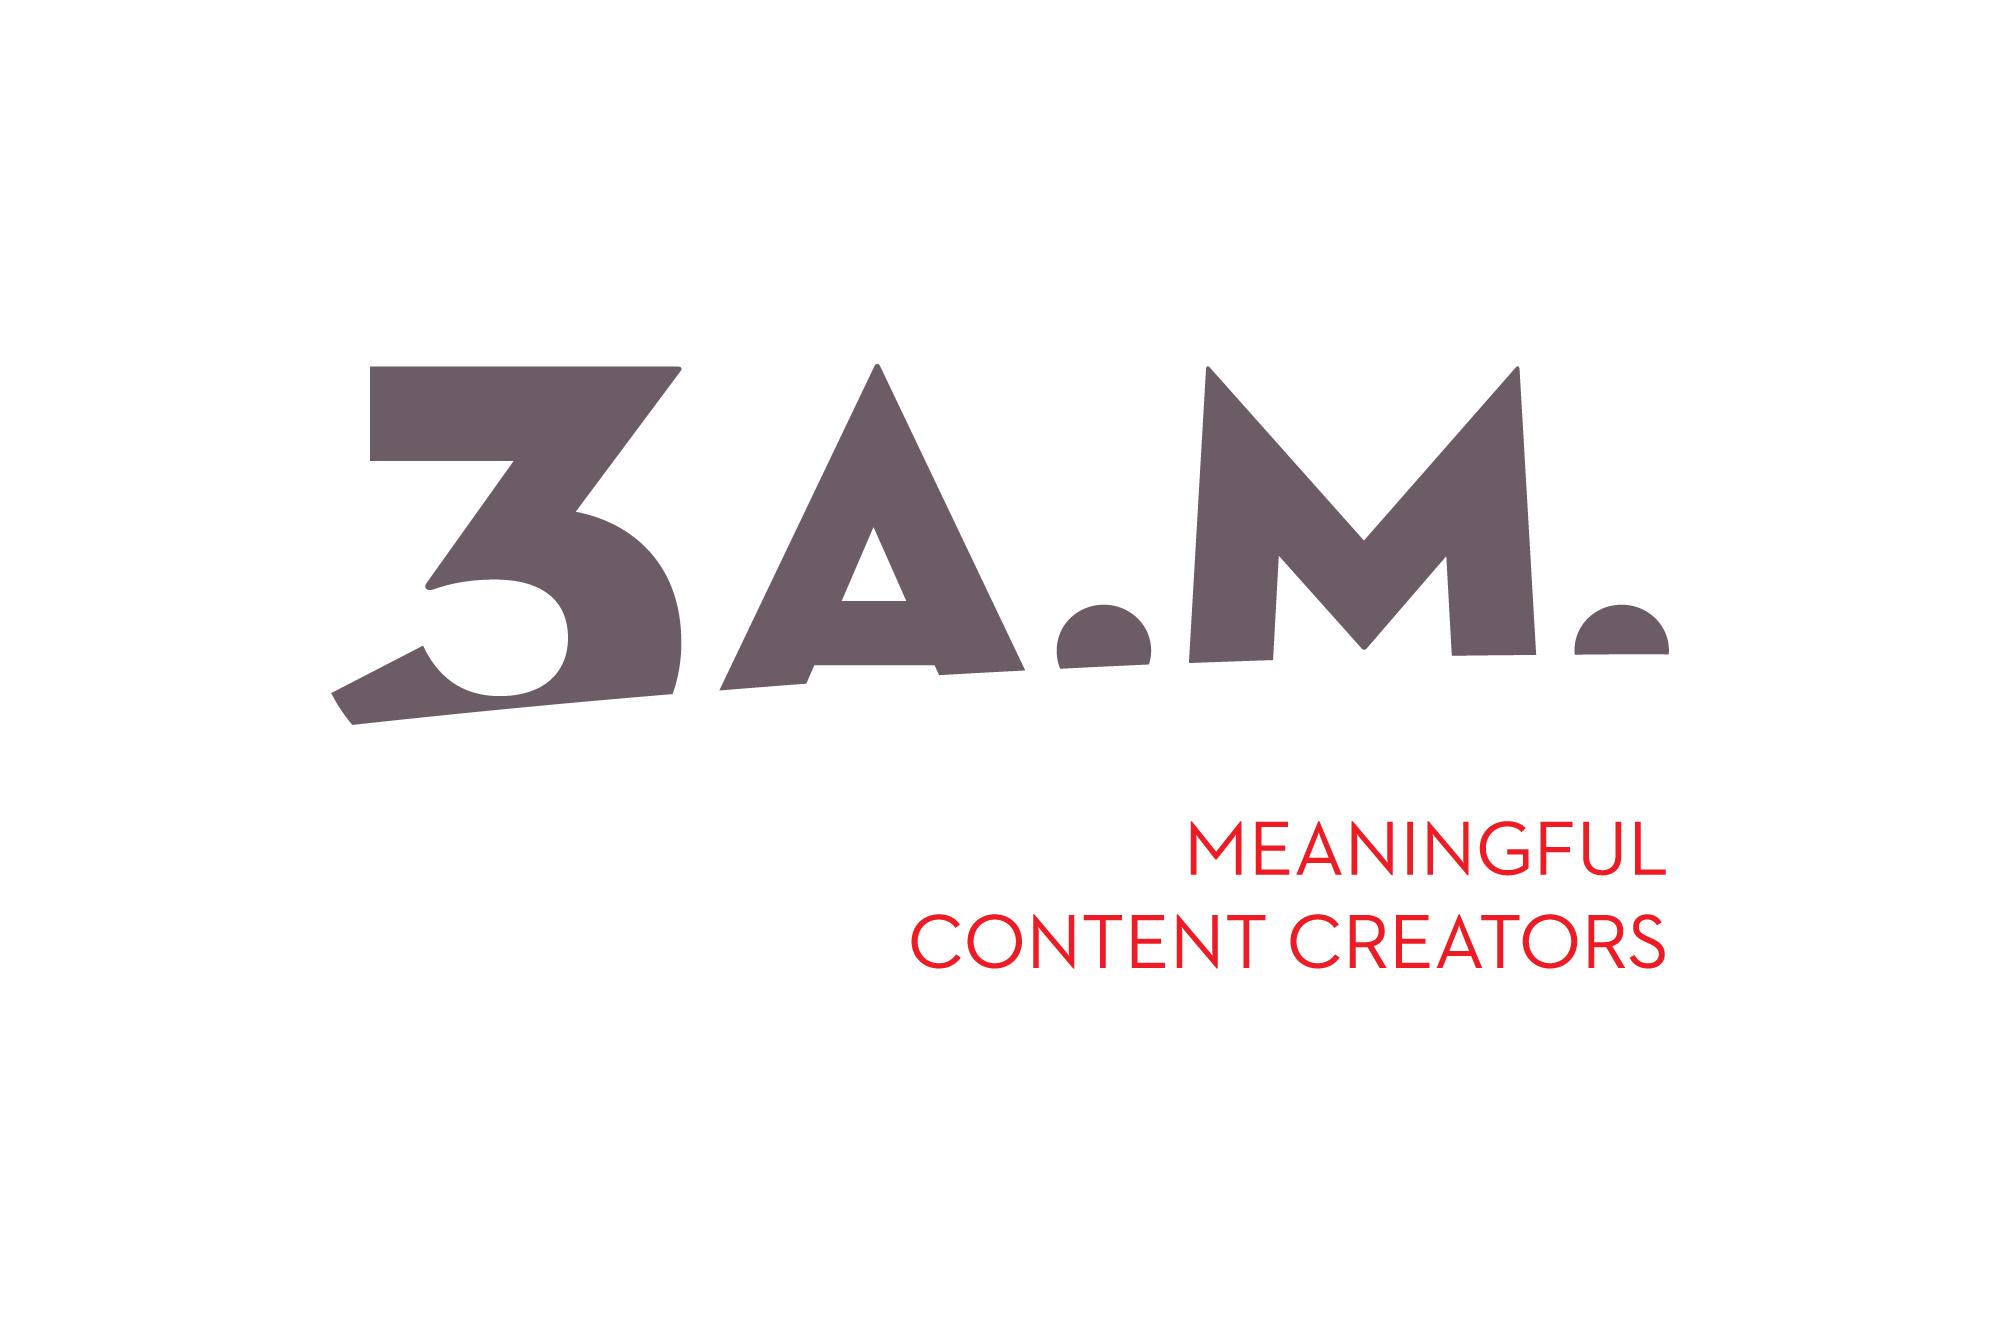 3inabox_Logos__3am_00